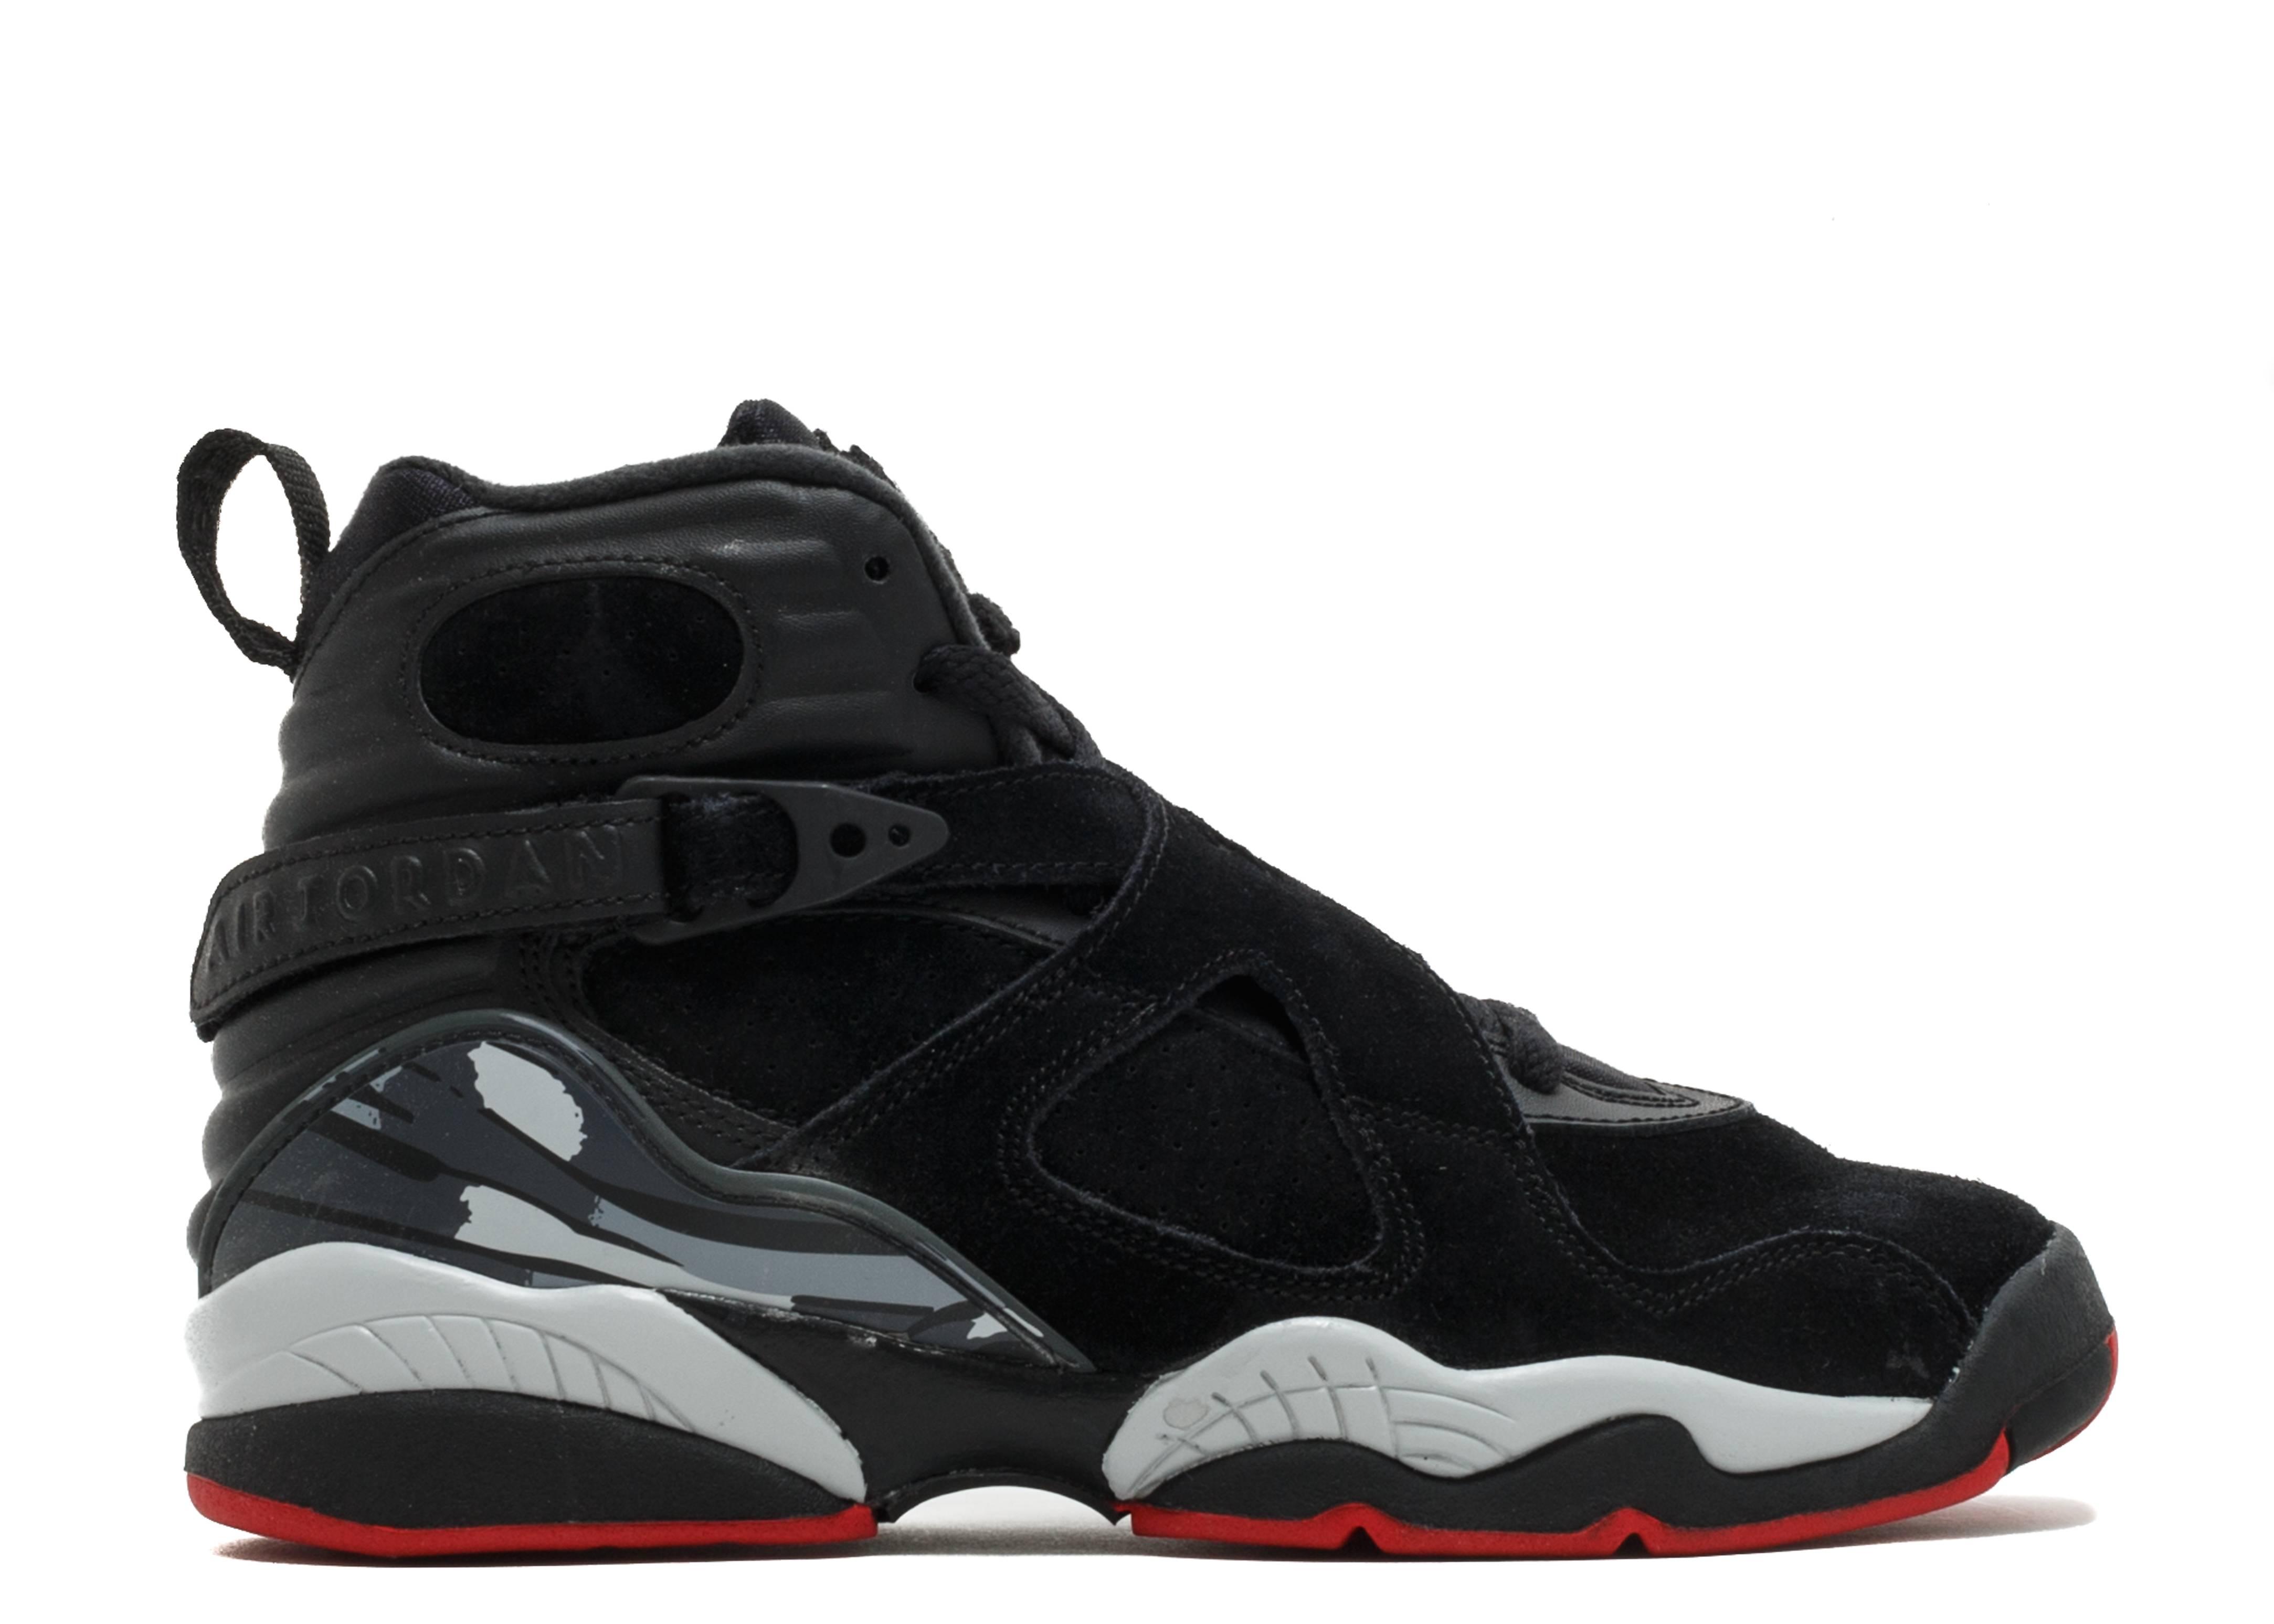 buy popular 9d975 b758c Air Jordan 8 Retro Bg (gs) - Air Jordan - 305368 022 - black/gym red ...